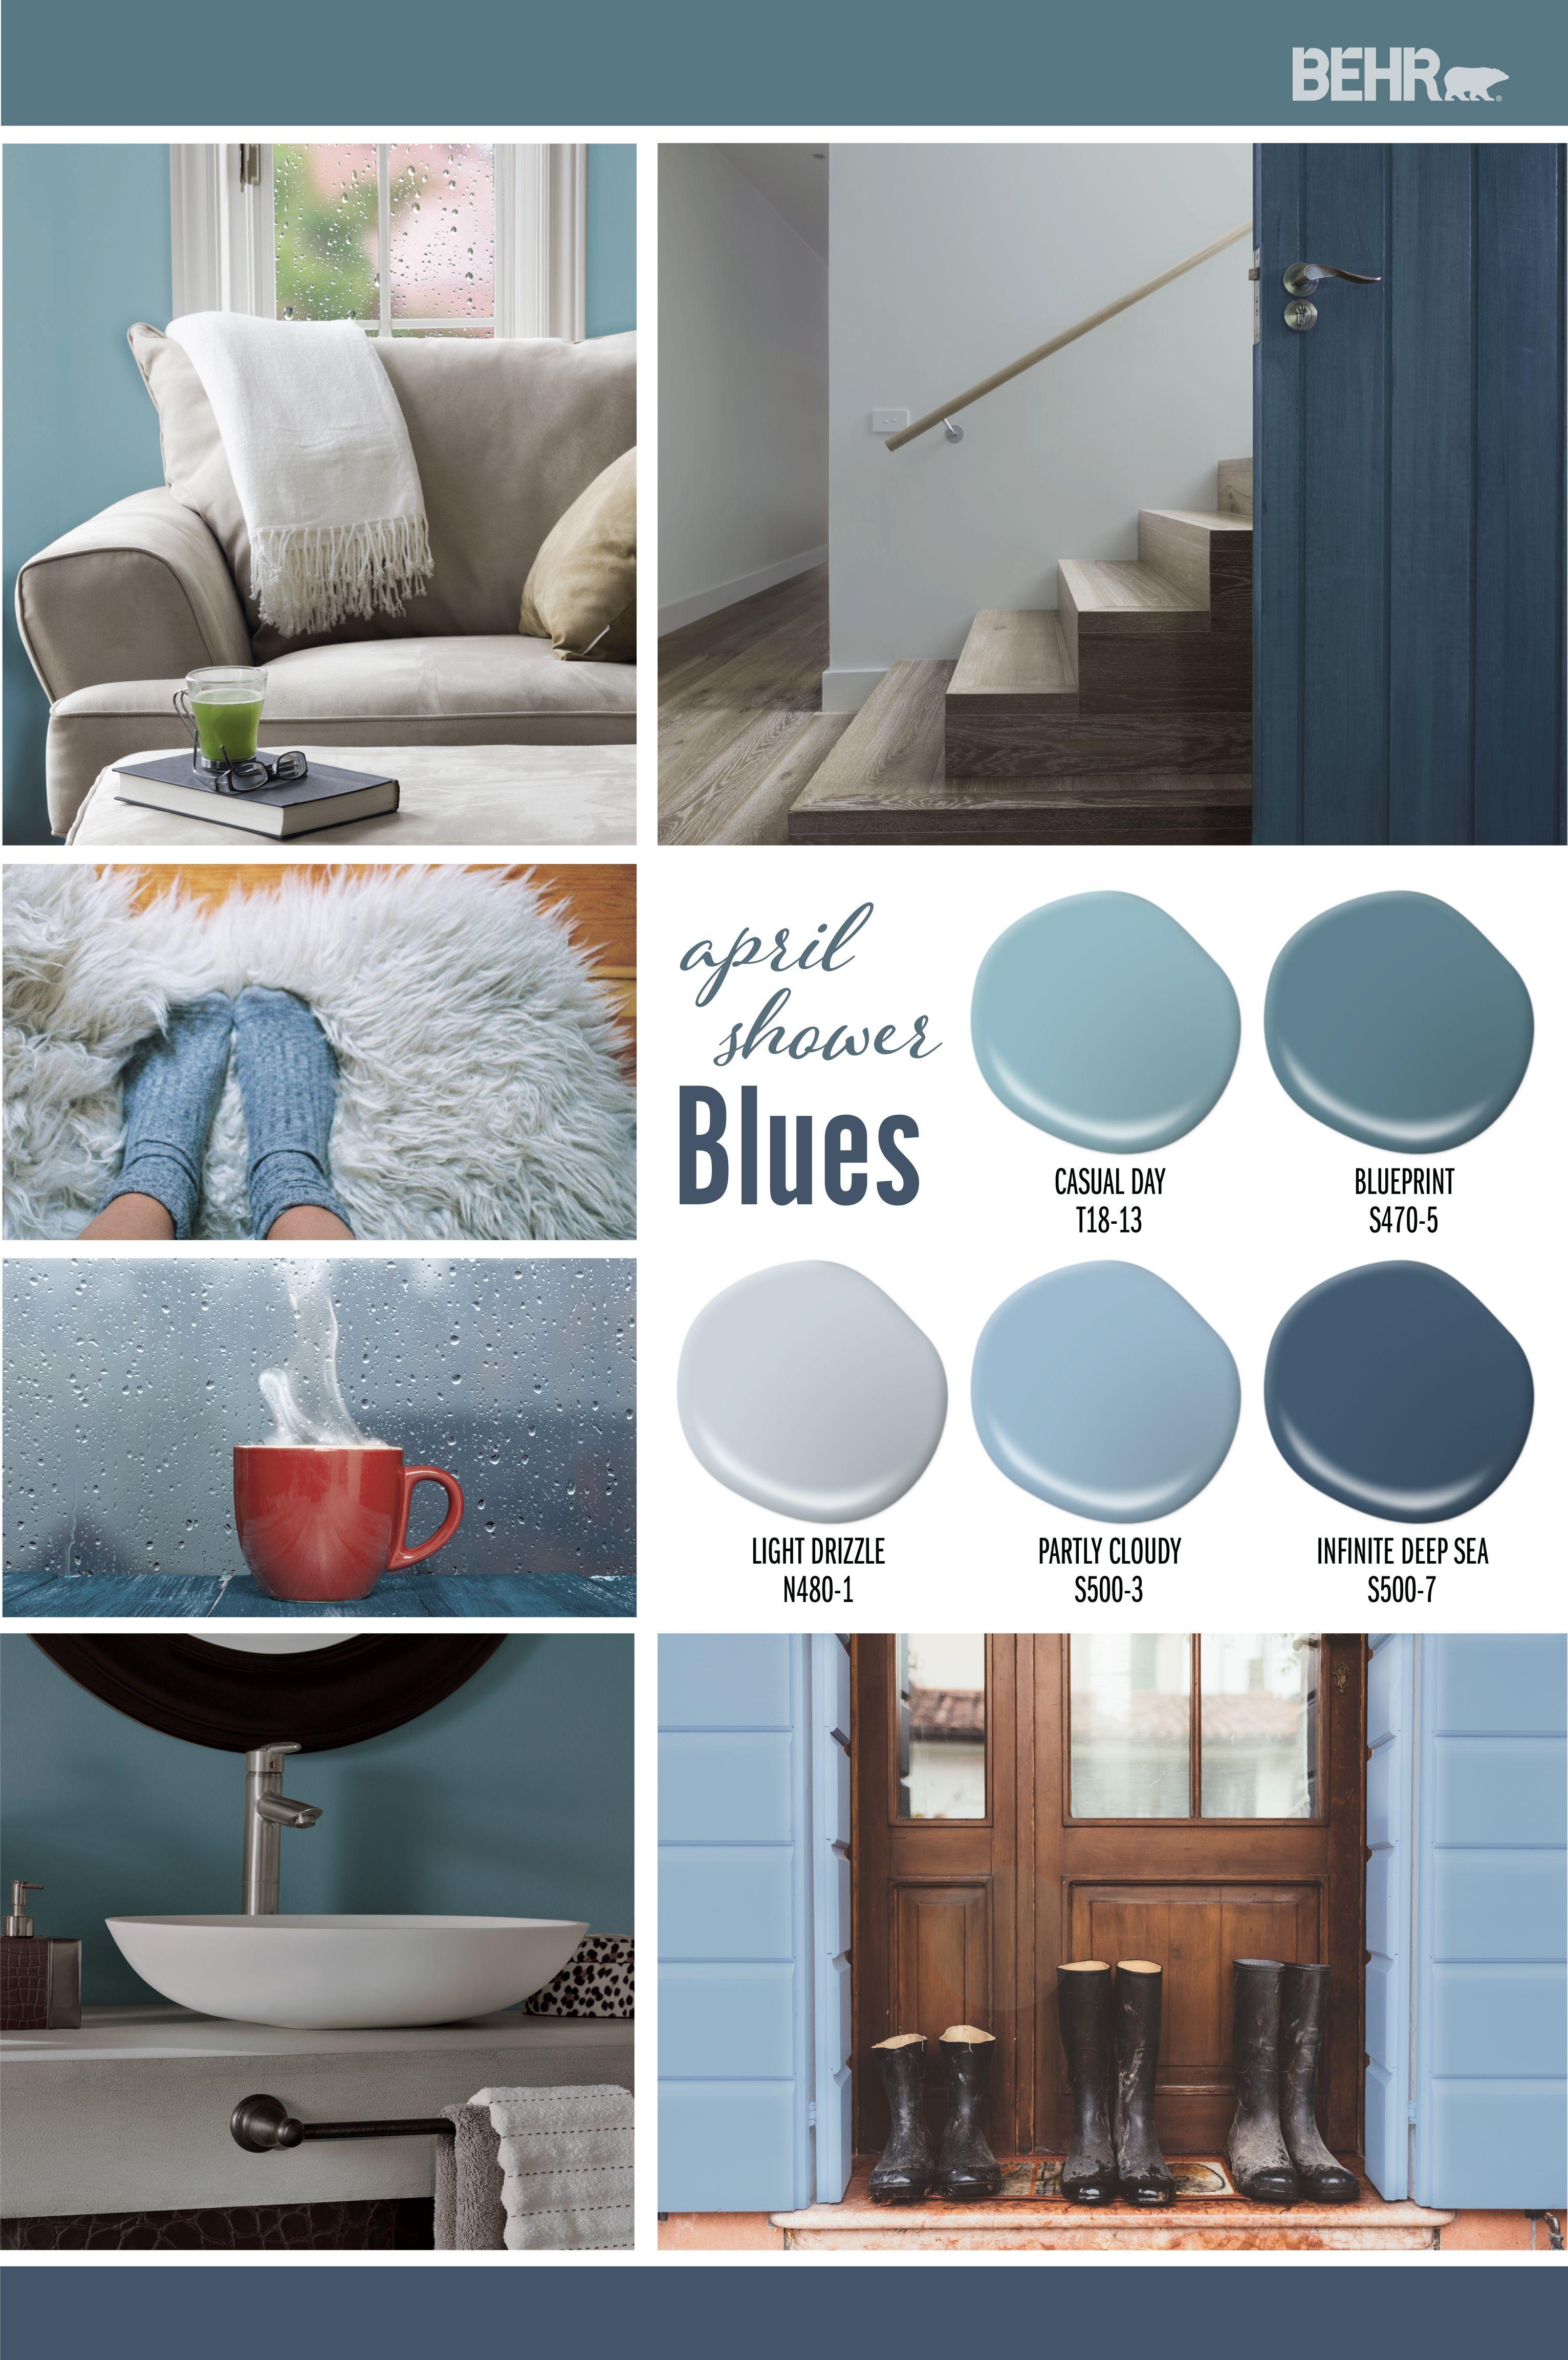 April Shower Blues Color Collection Colorfully Behr Bathroom Paint Colors Warm Blue Paint Colors Popular Paint Colors